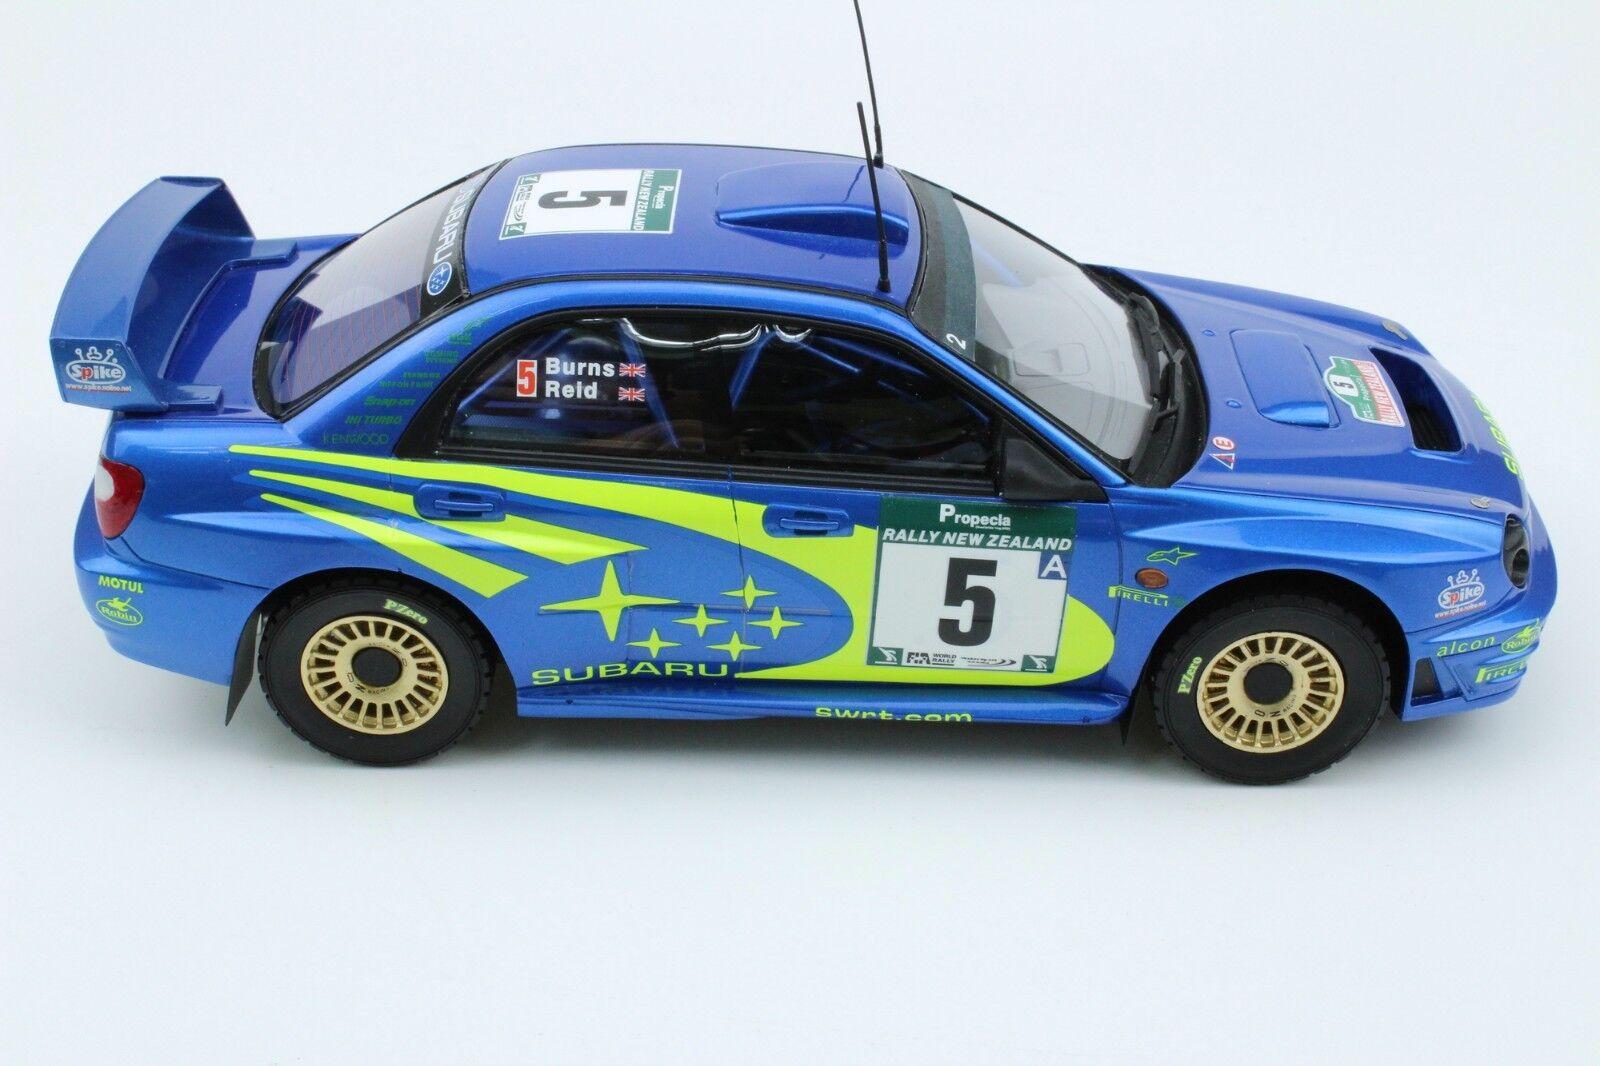 Top Marques 037B Subaru Impreza modelo de coche quemaduras Reid Rally de Nueva Zelanda 1 18th